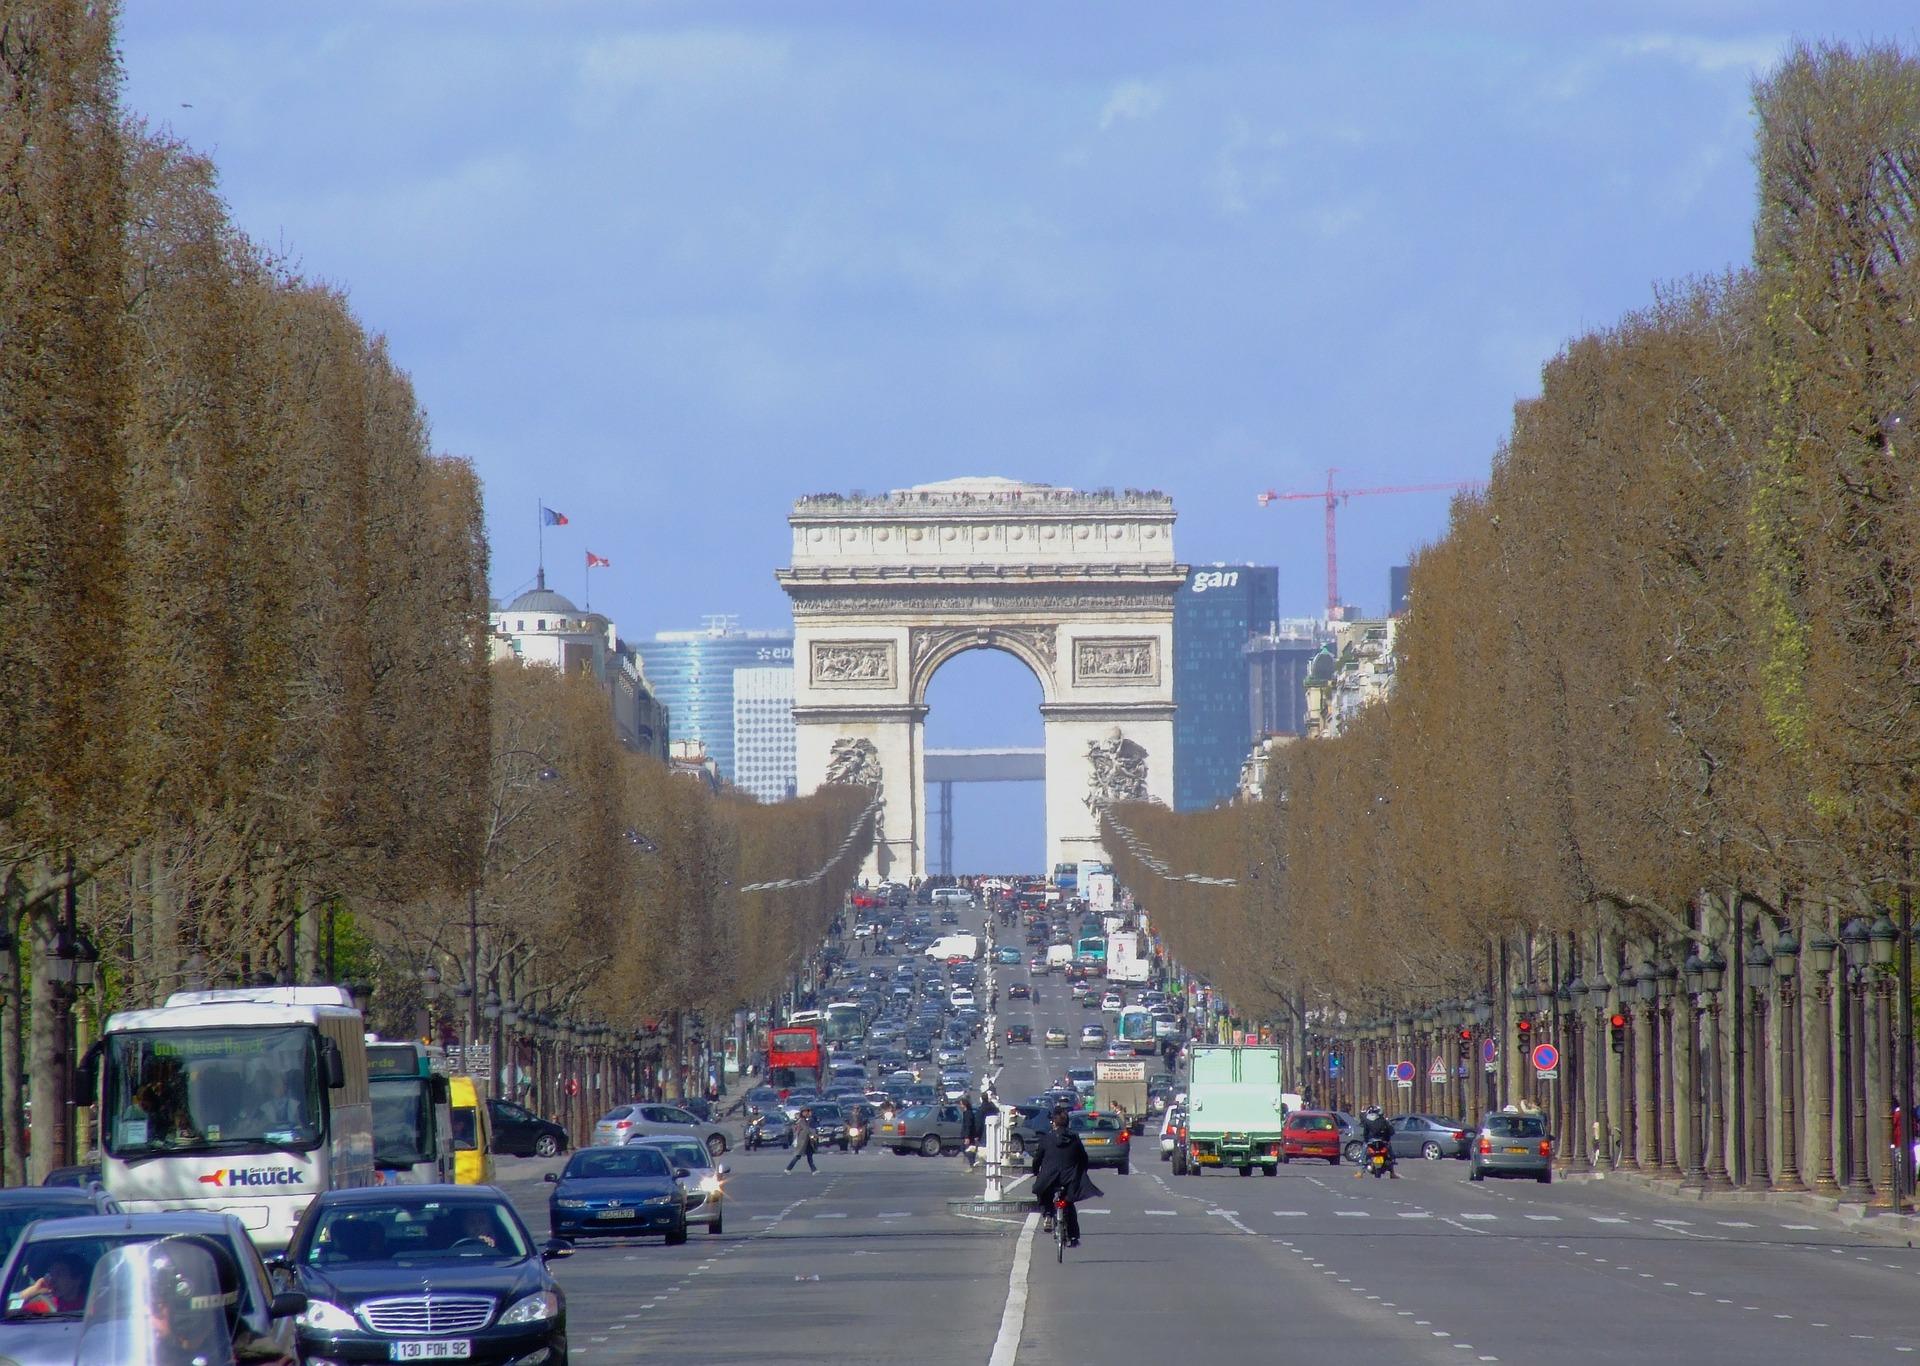 FRANCIA - Dal 1 luglio 2019 divieto circolazione a Parigi con vignetta 4 Crit'Air